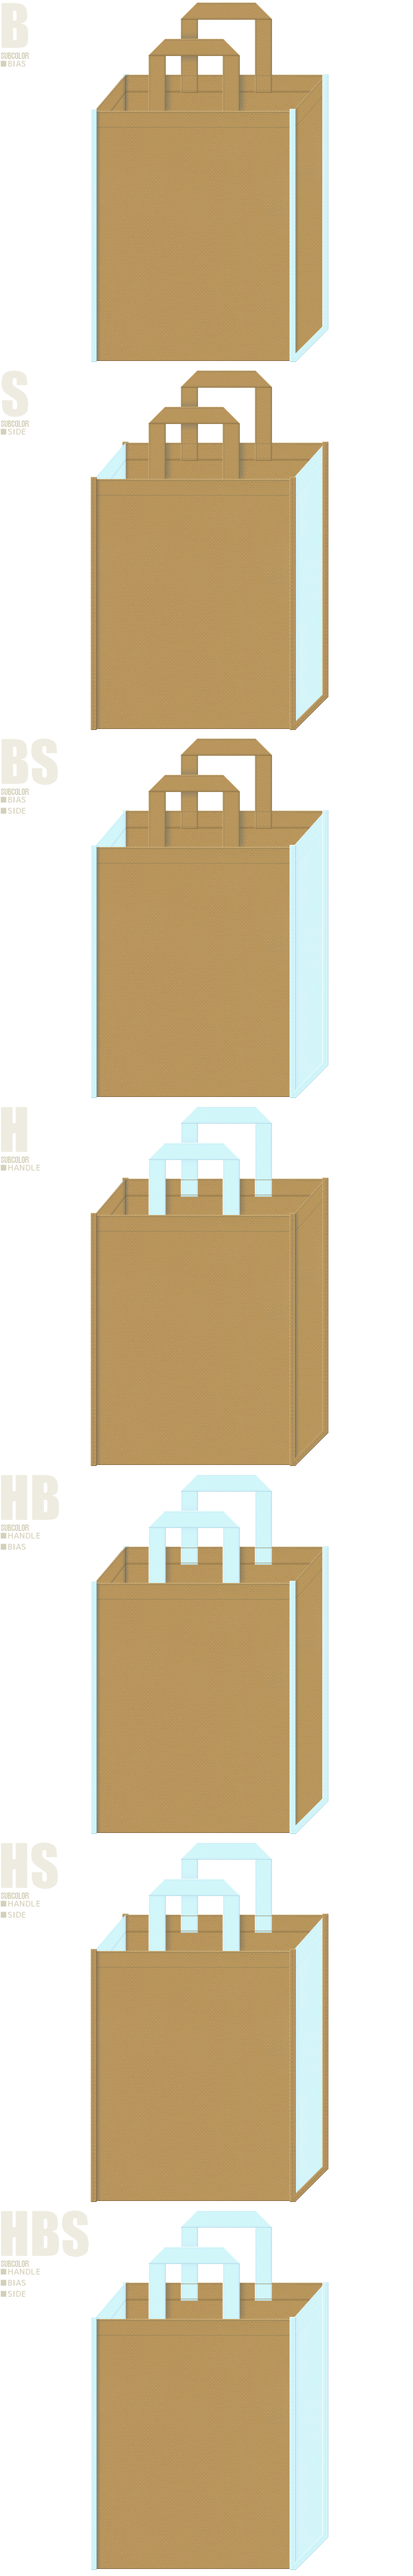 金黄土色と水色、7パターンの不織布トートバッグ配色デザイン例。